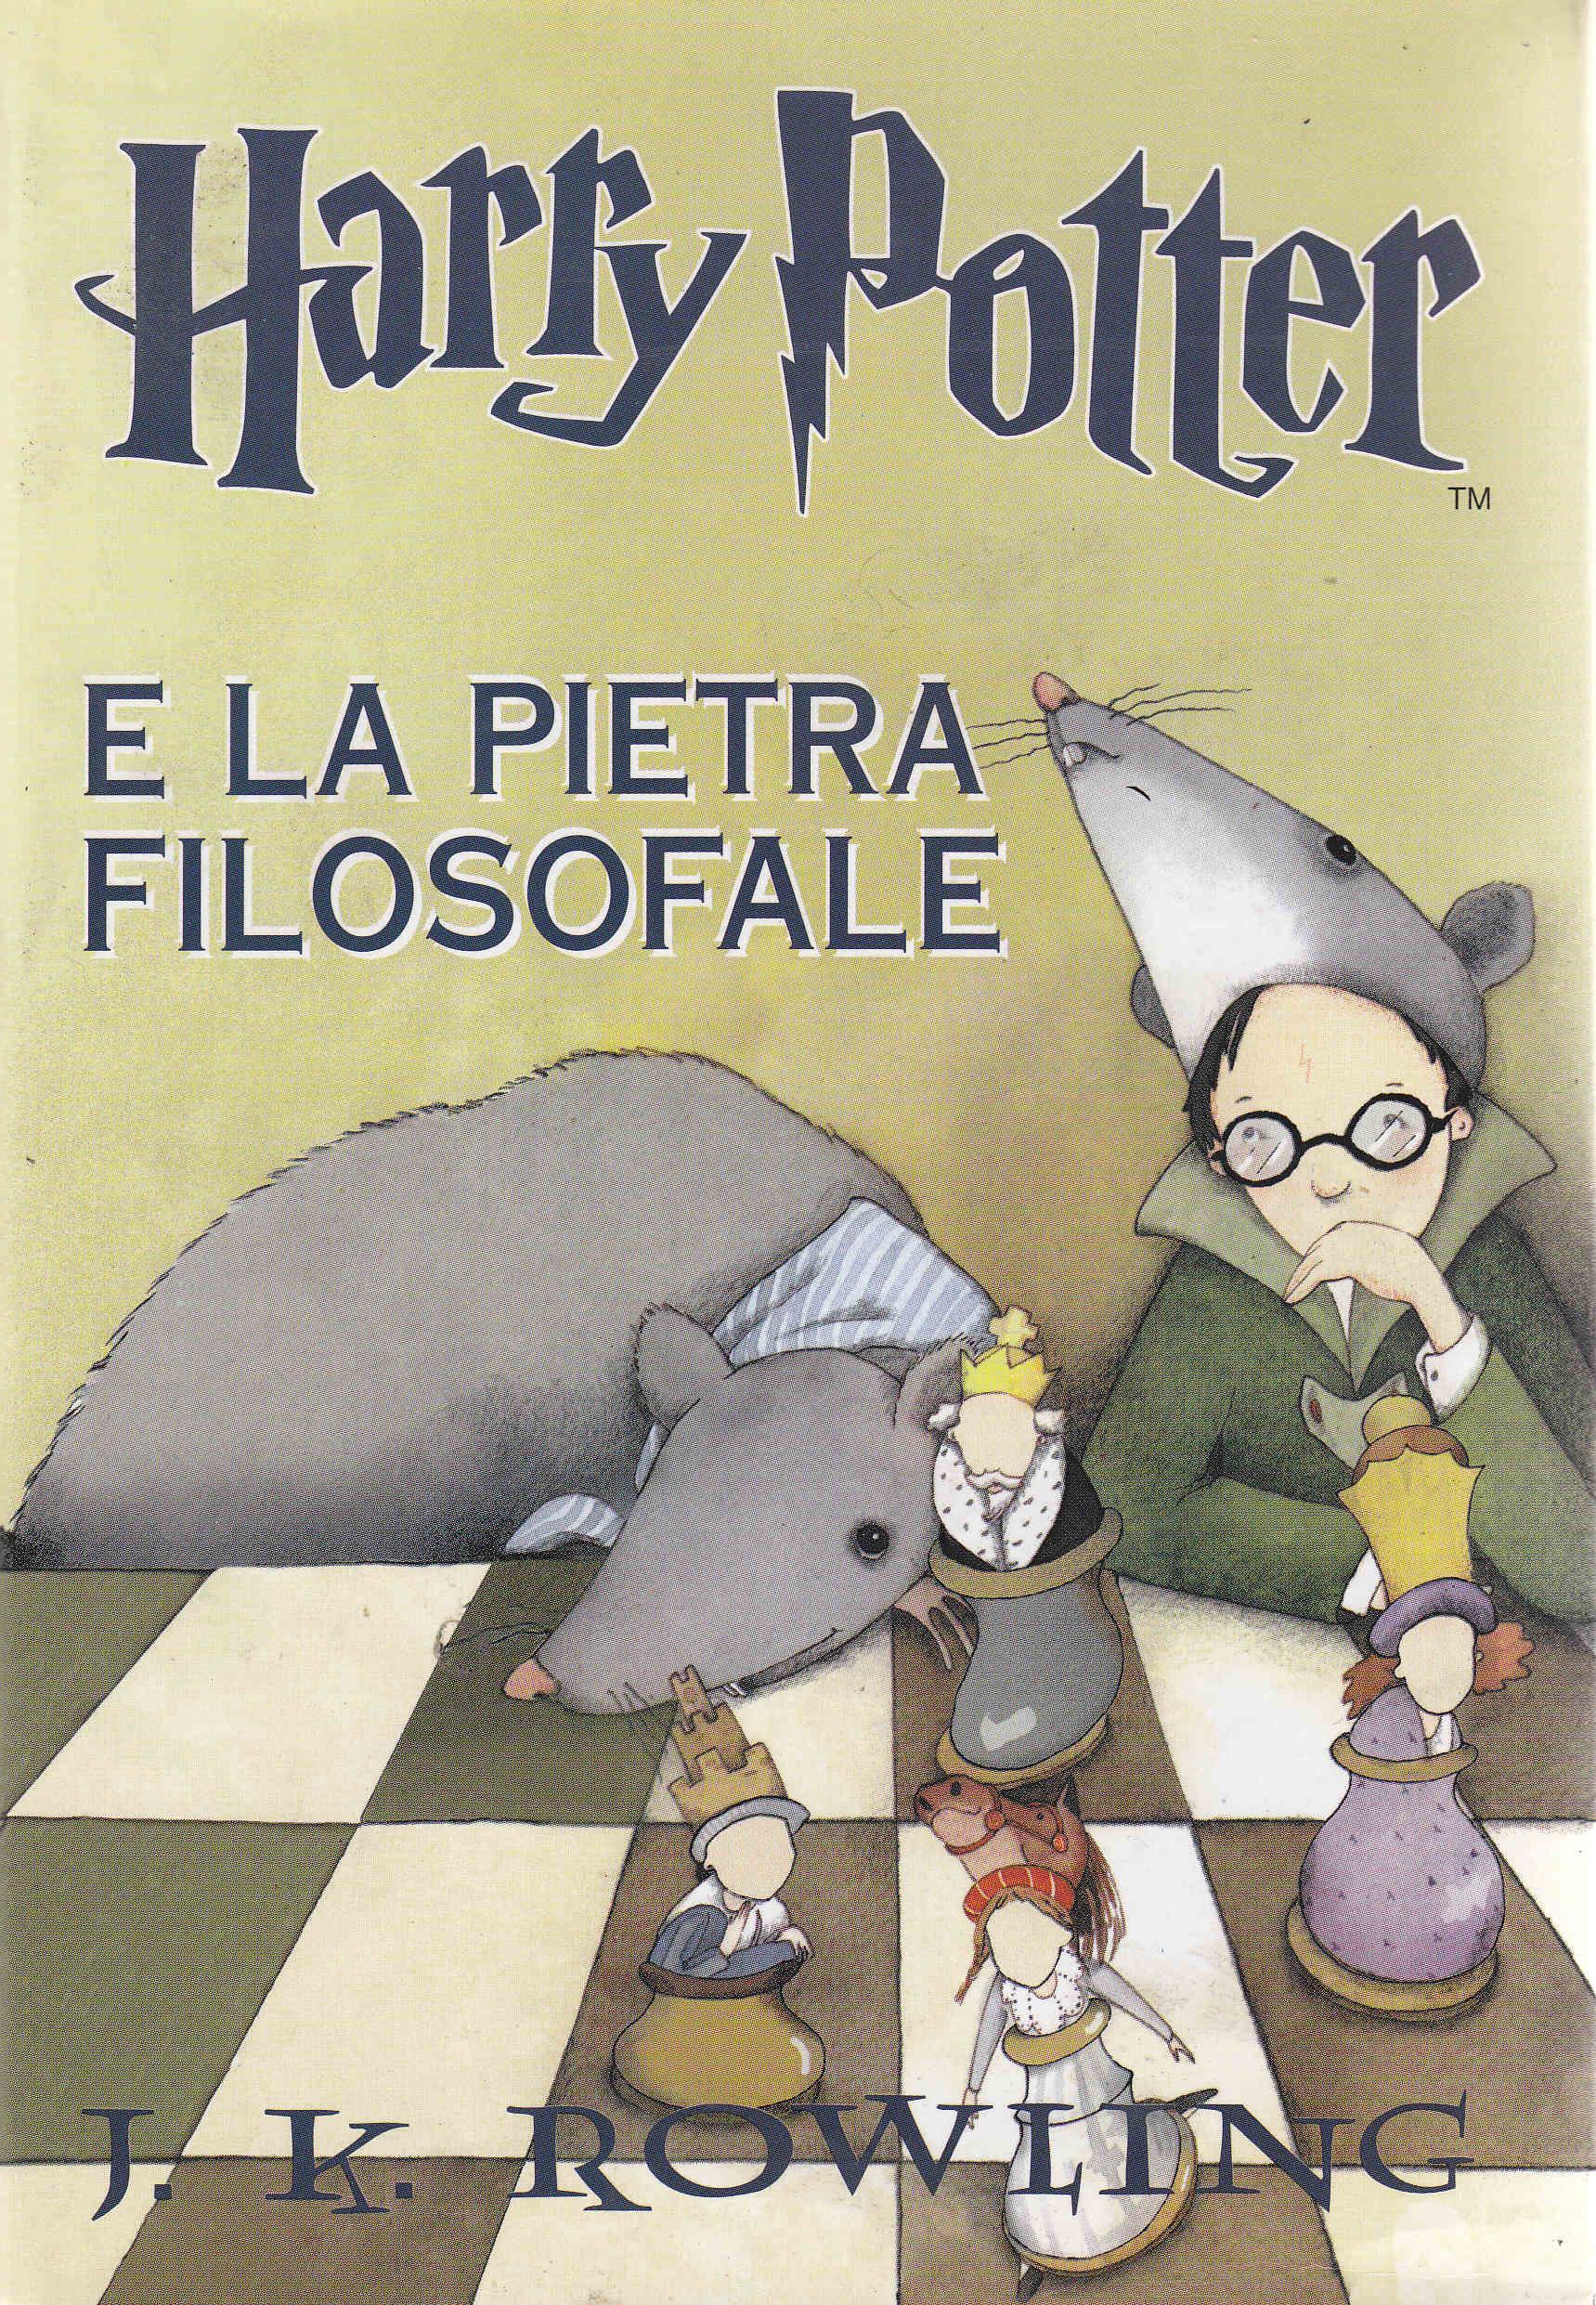 harry potter e la pietra filosofale cover